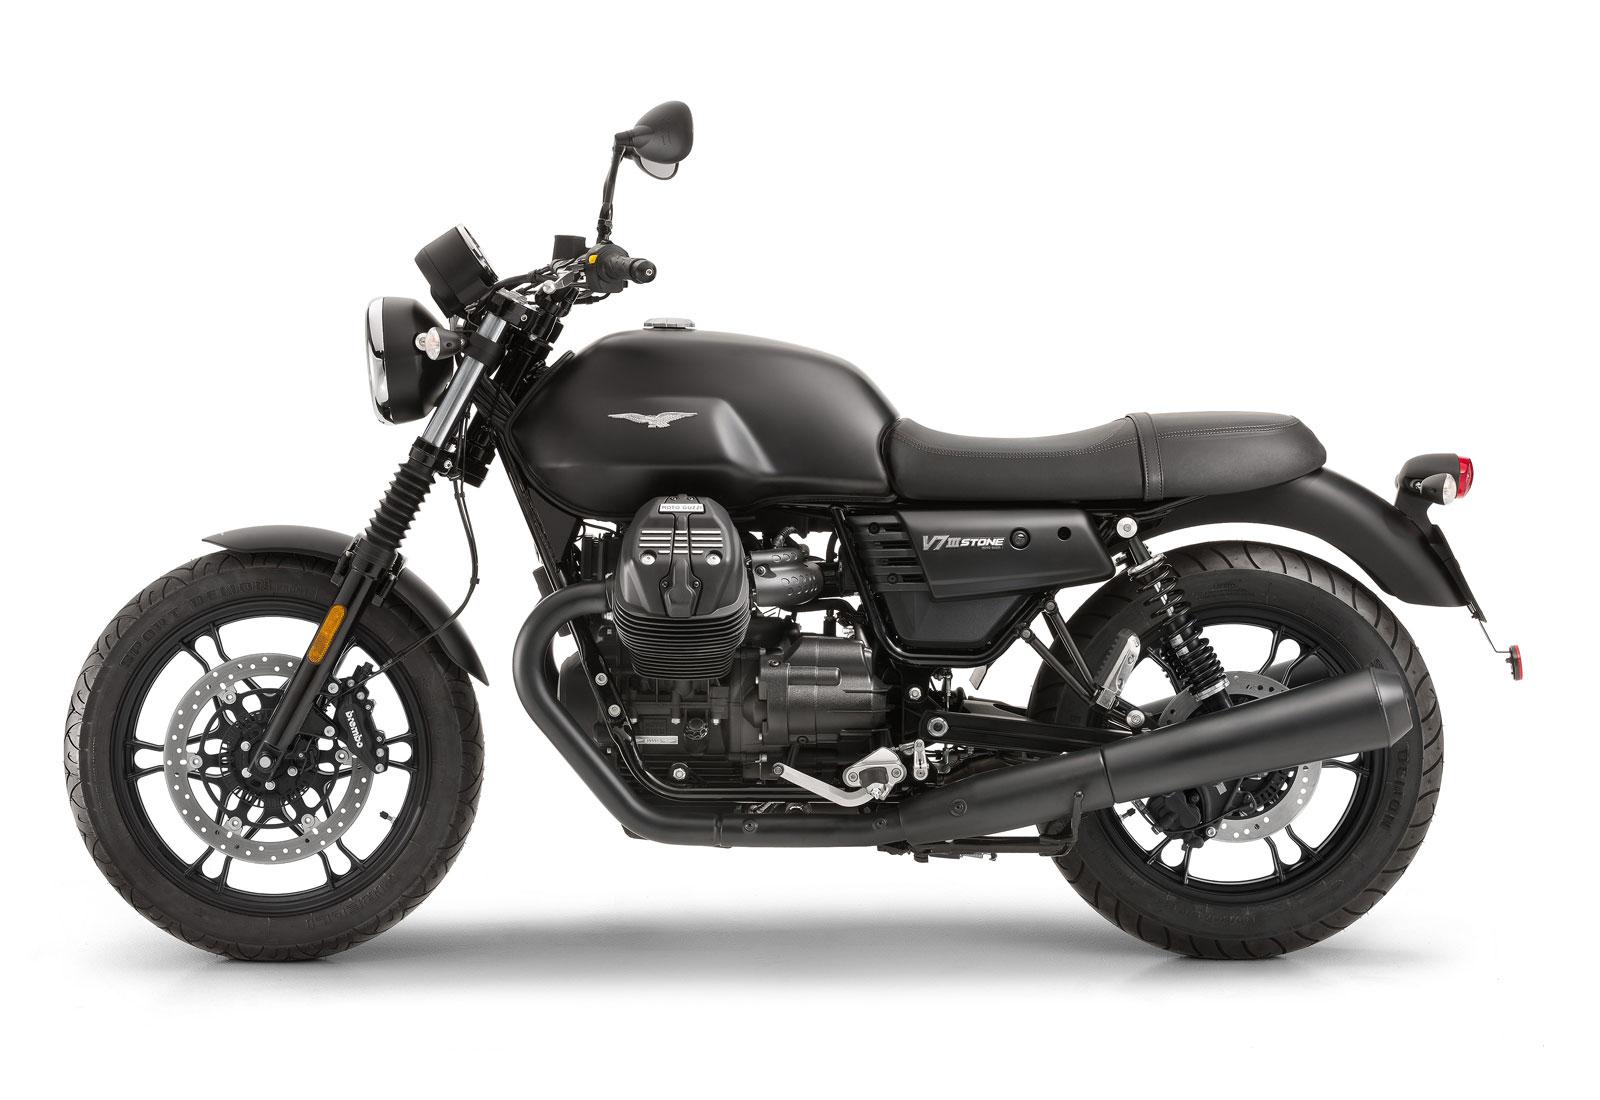 vista lateral izquierdo de la moto guzzi V7 iii stone